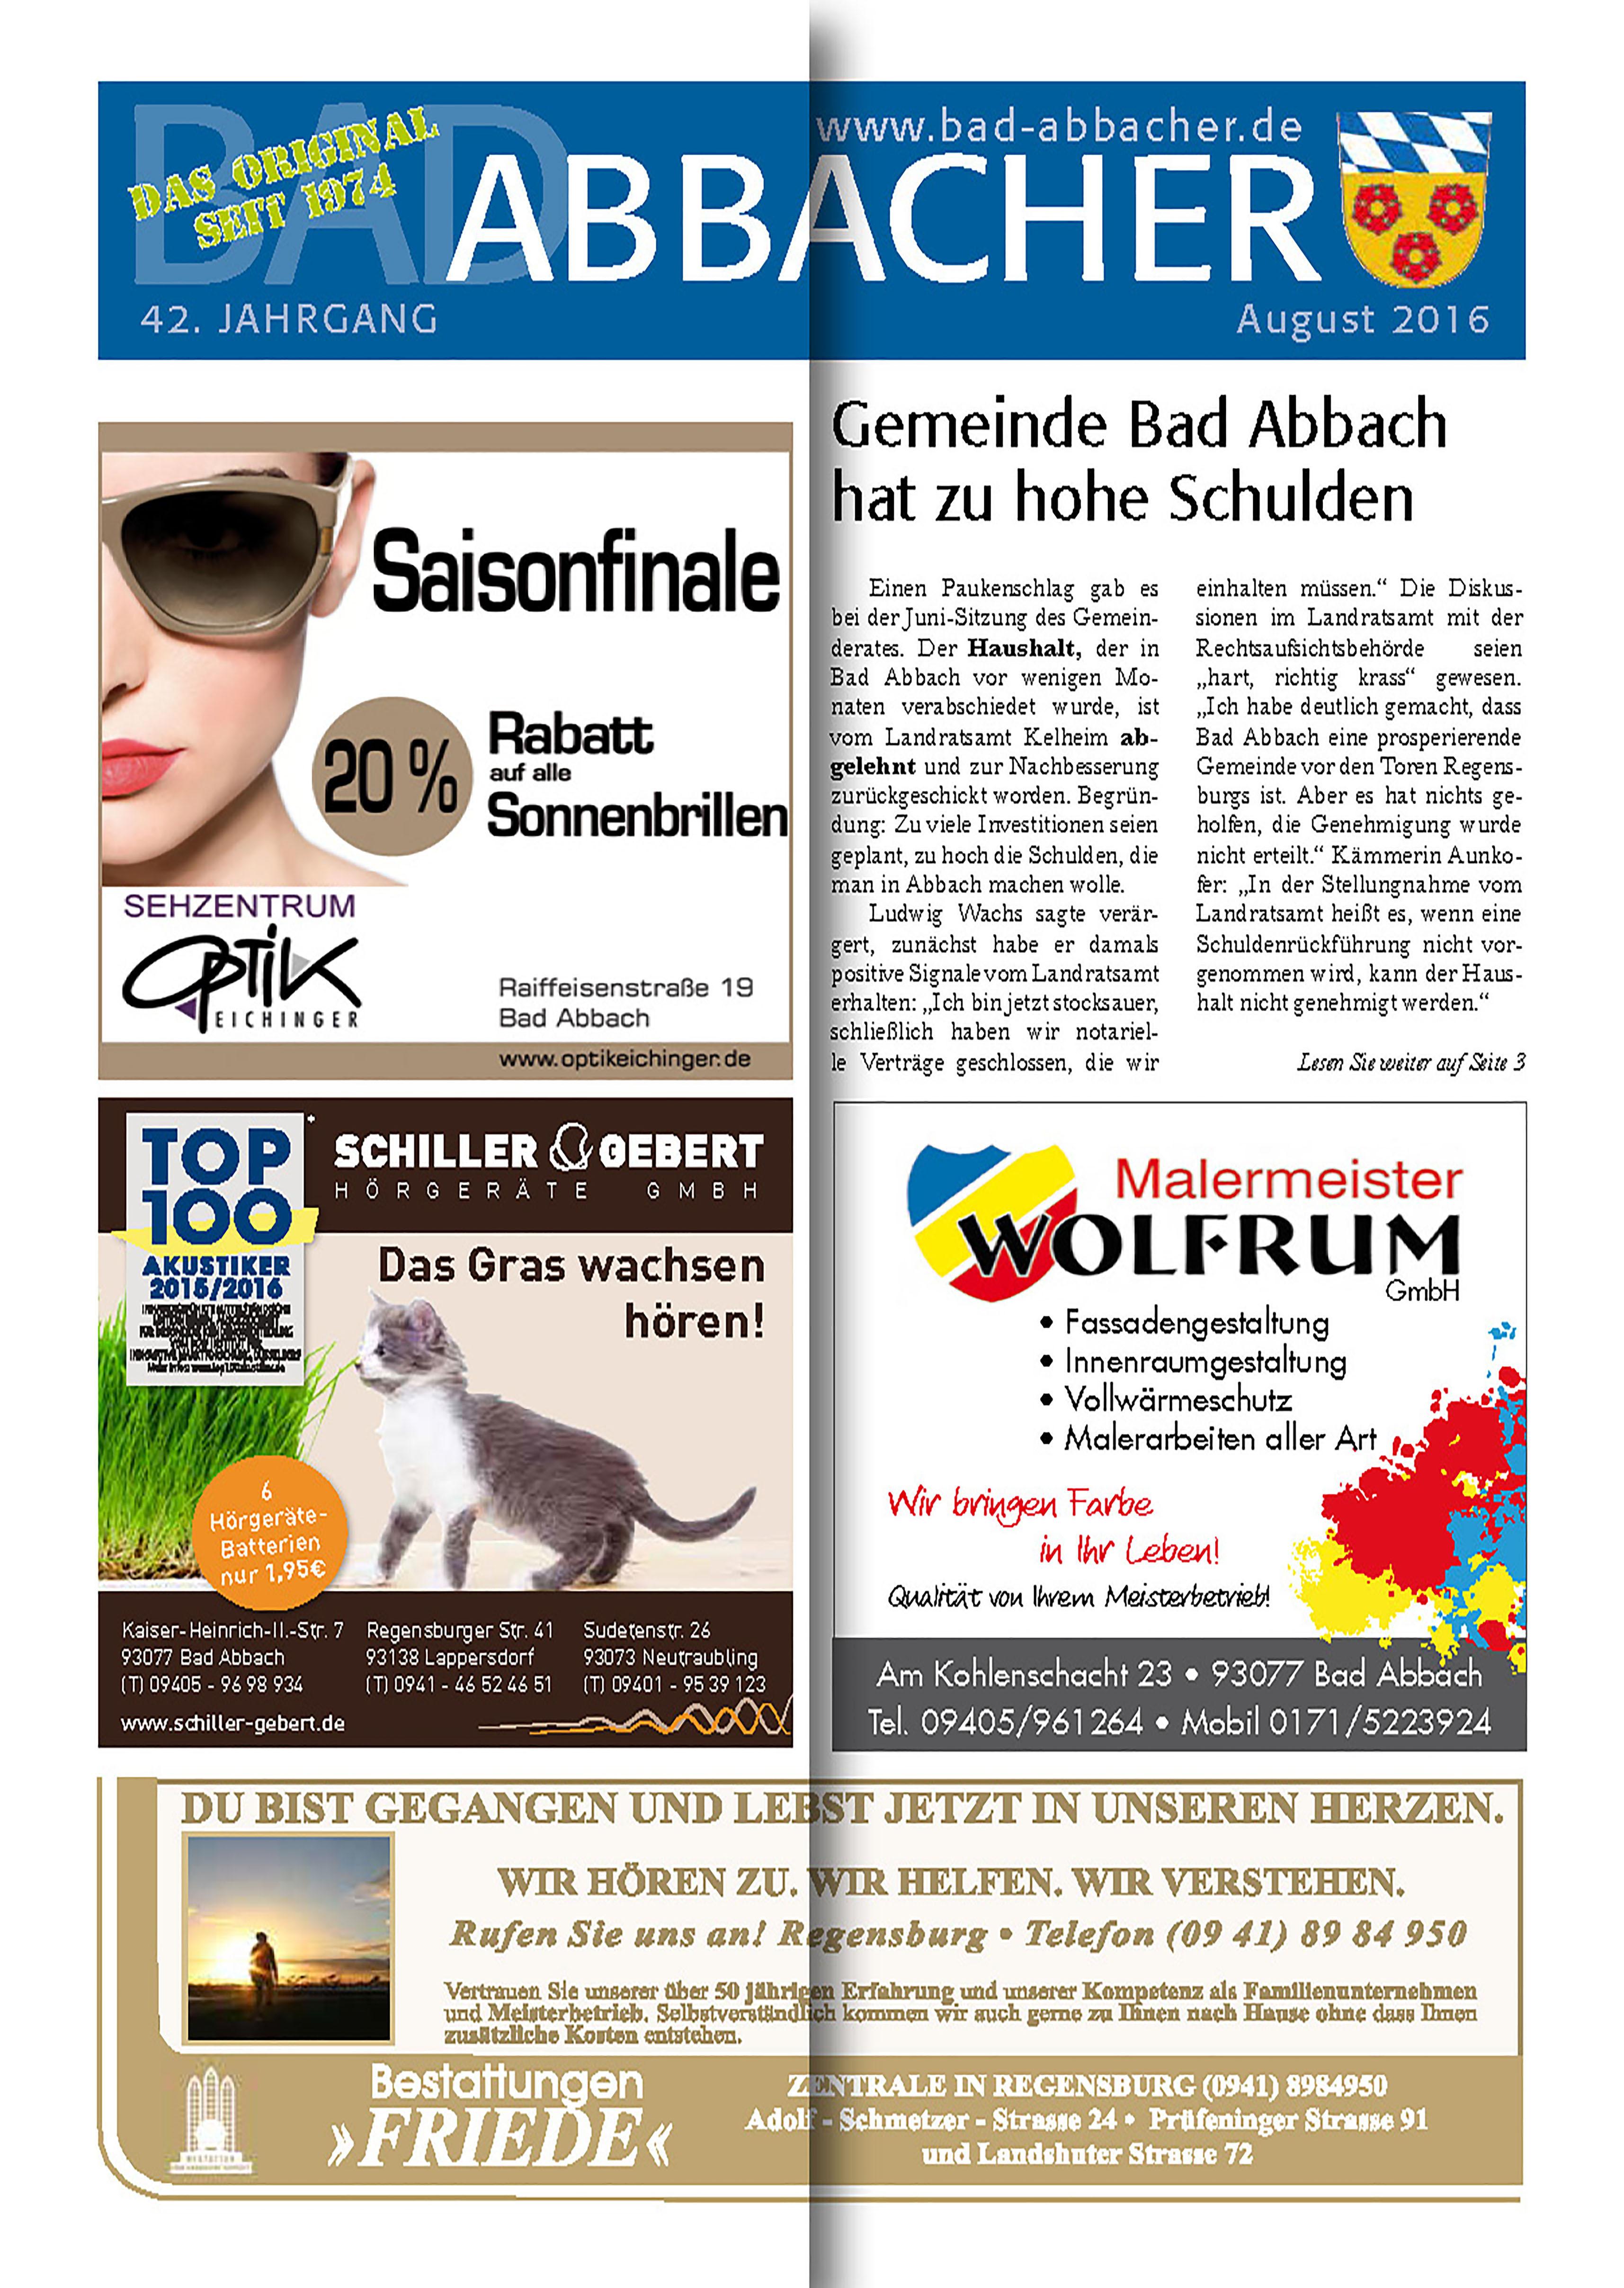 BadAbbacher-August_2016